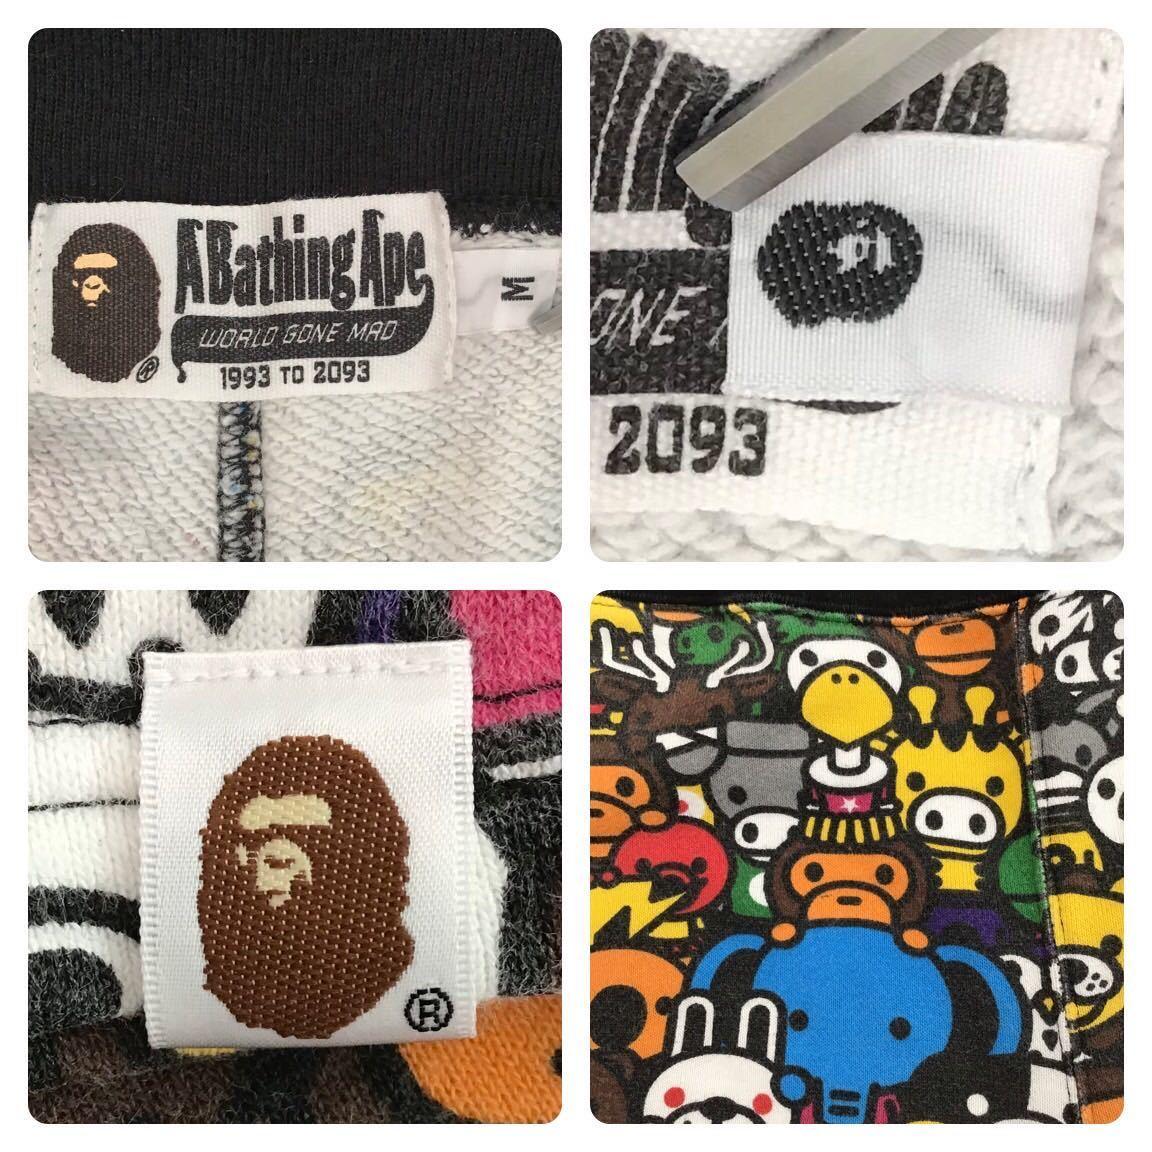 マイロ アニマル サファリ スウェット ハーフパンツ Mサイズ a bathing ape bape sweat shorts milo エイプ ベイプ ショーツ Safari 351